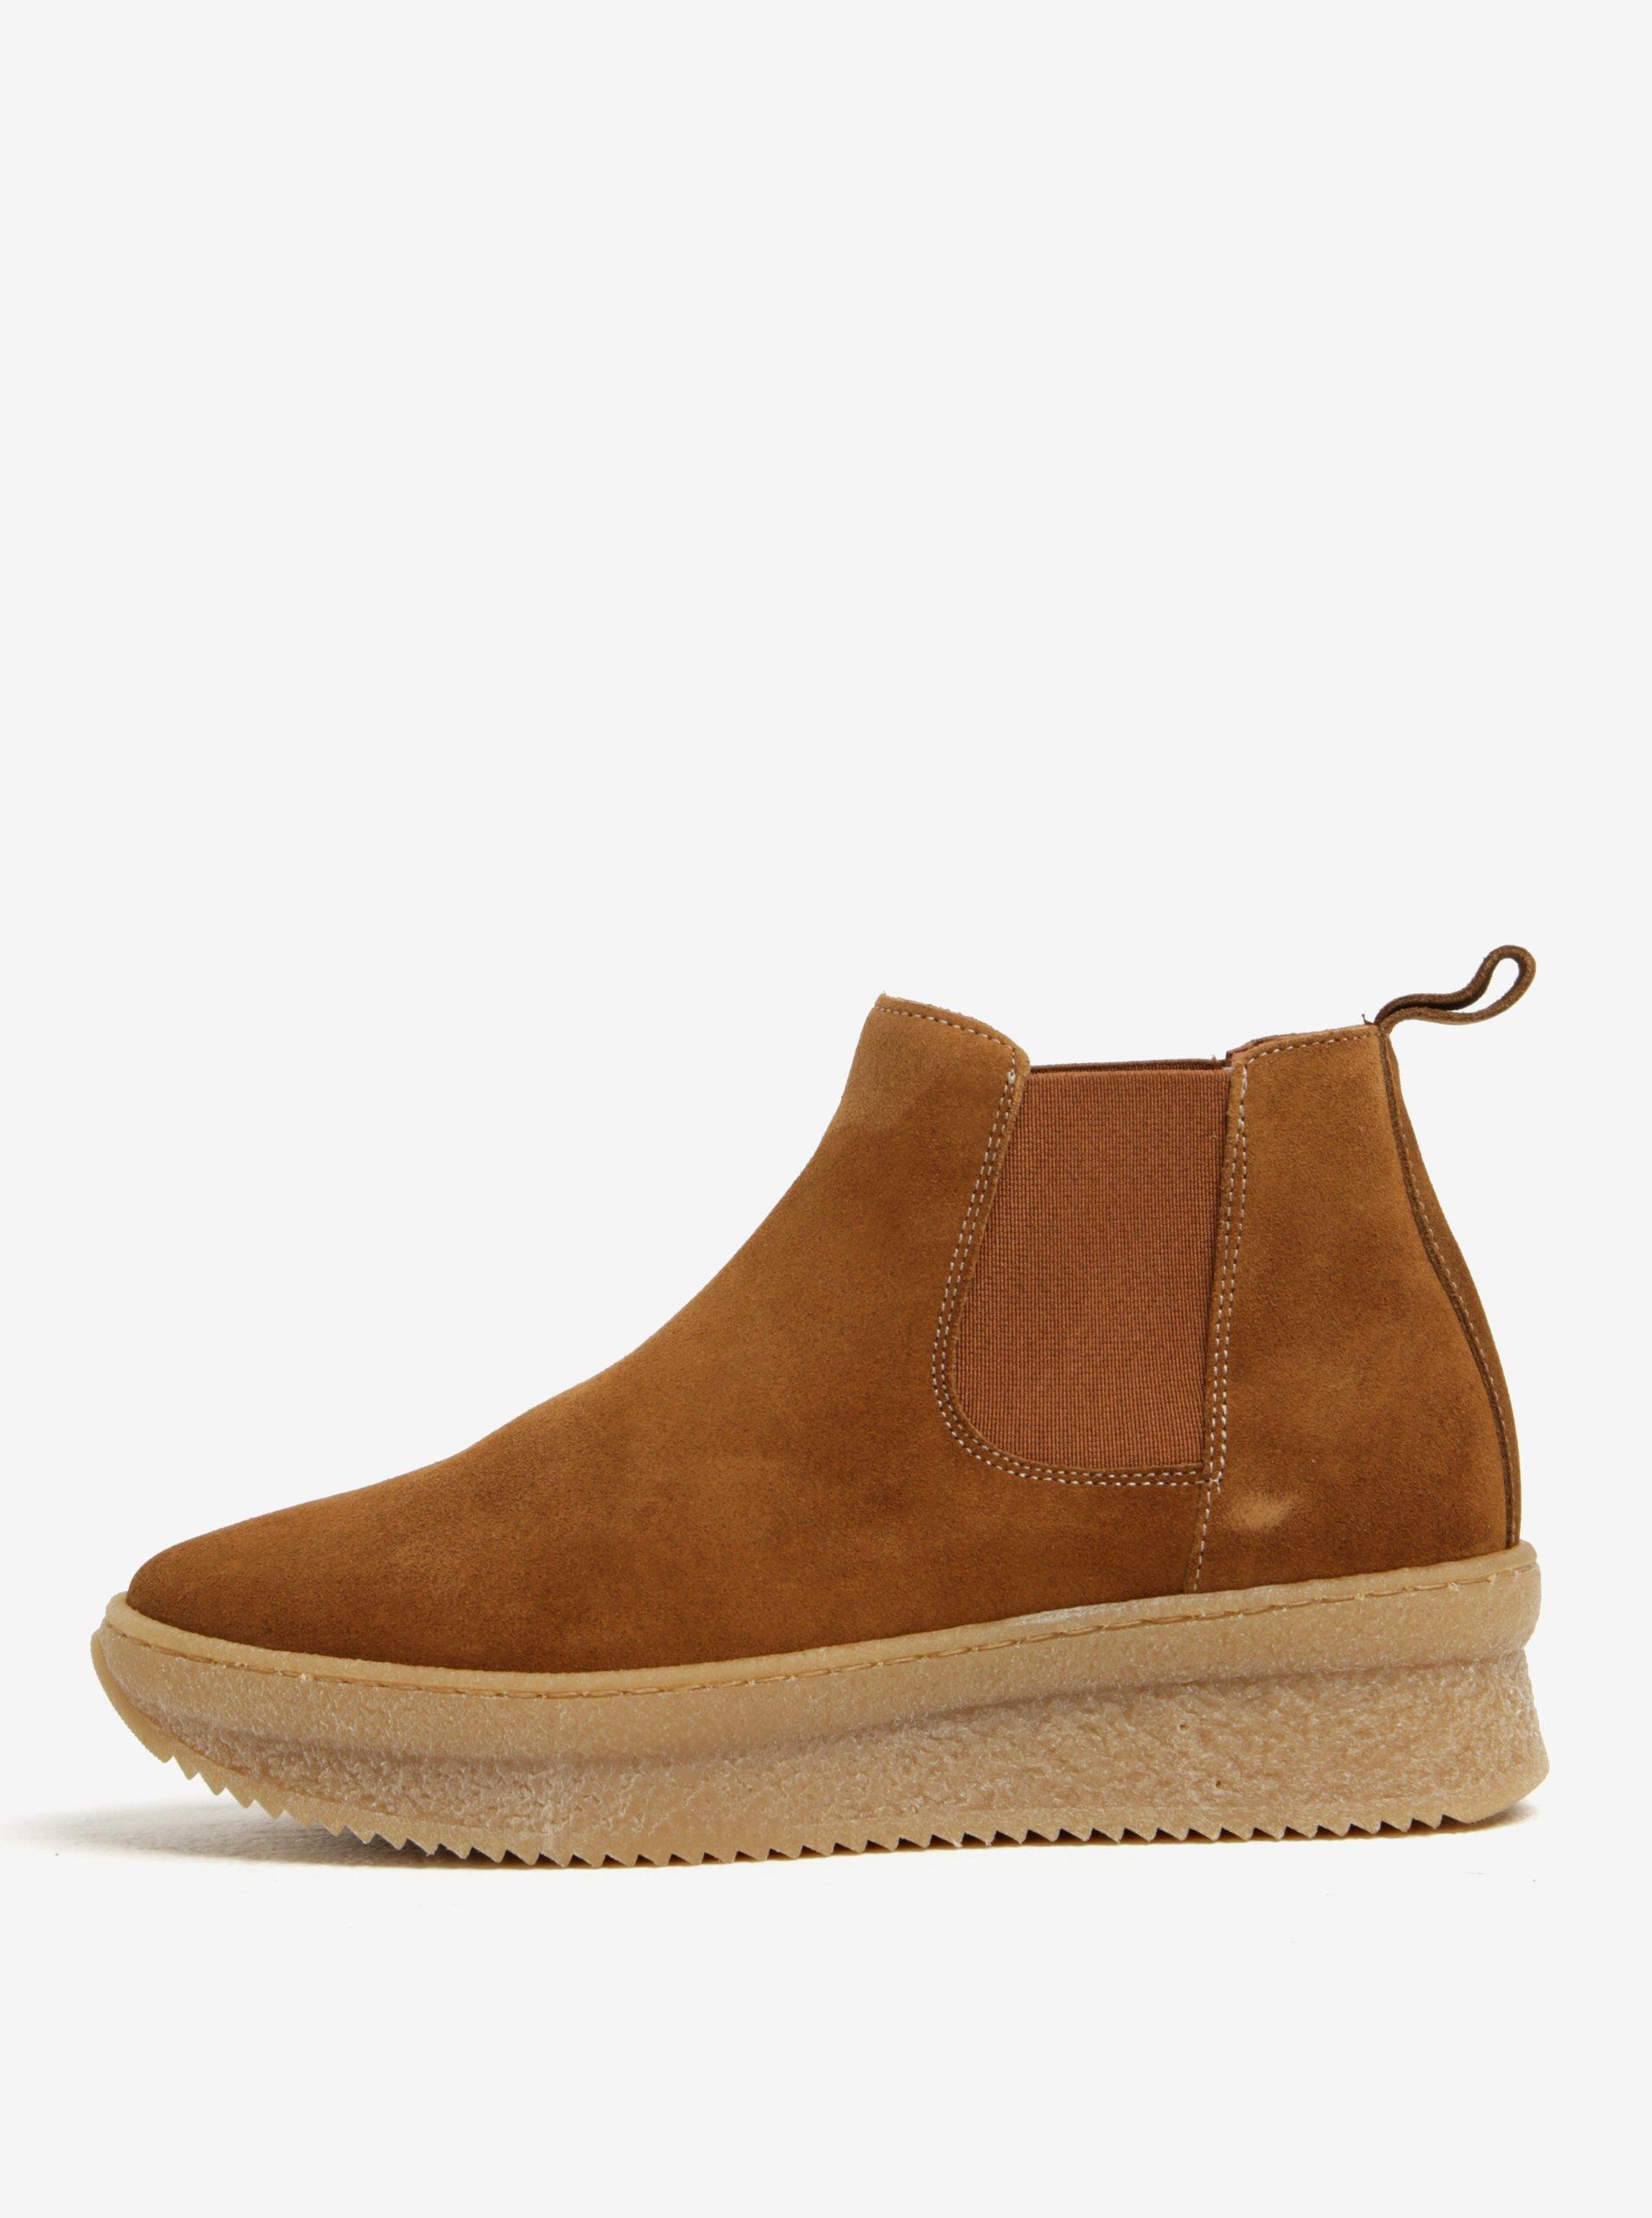 Hnedé semišové chelsea topánky na platforme OJJU